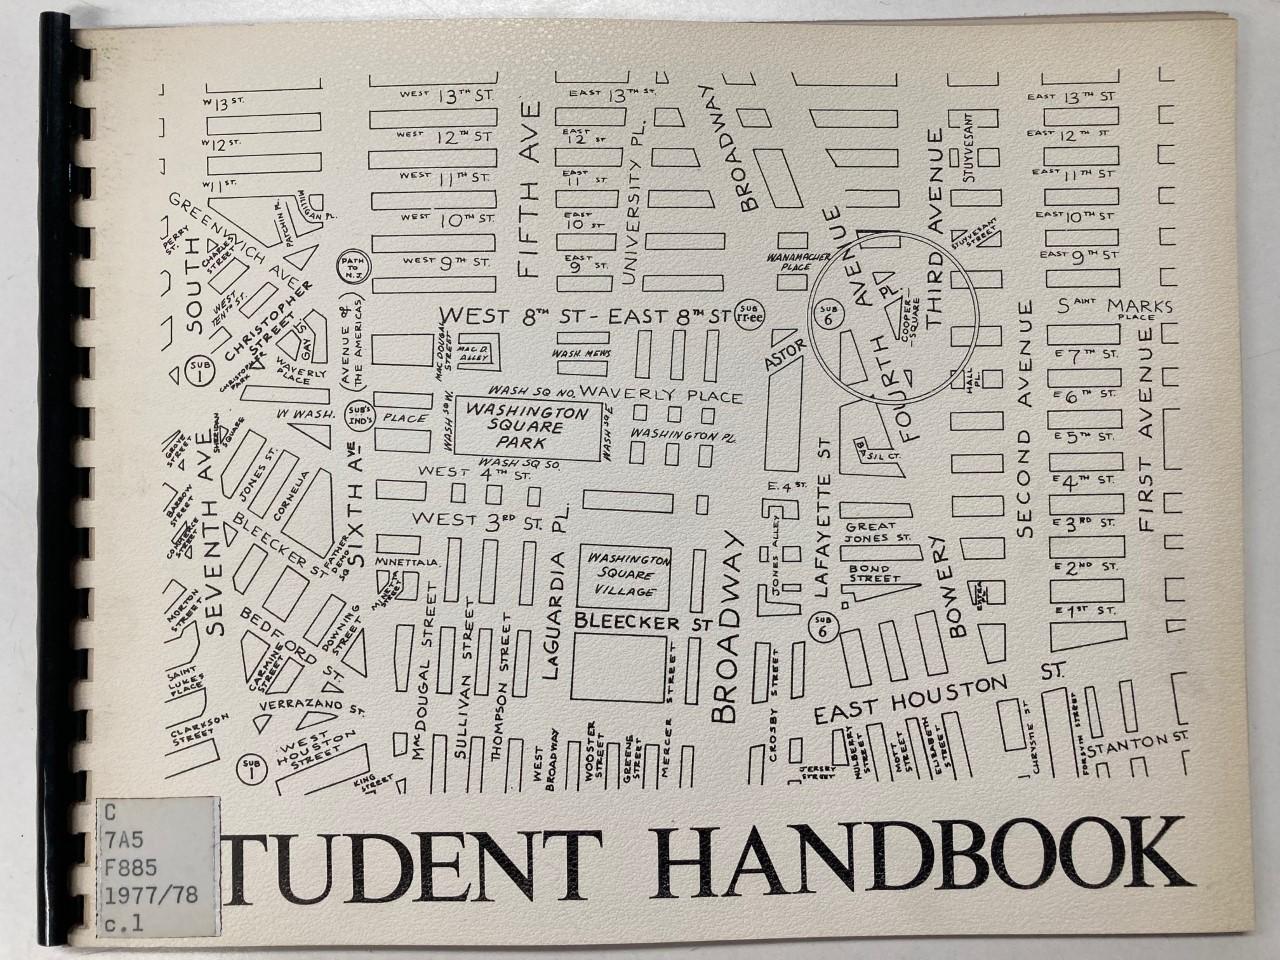 student handbook 1978